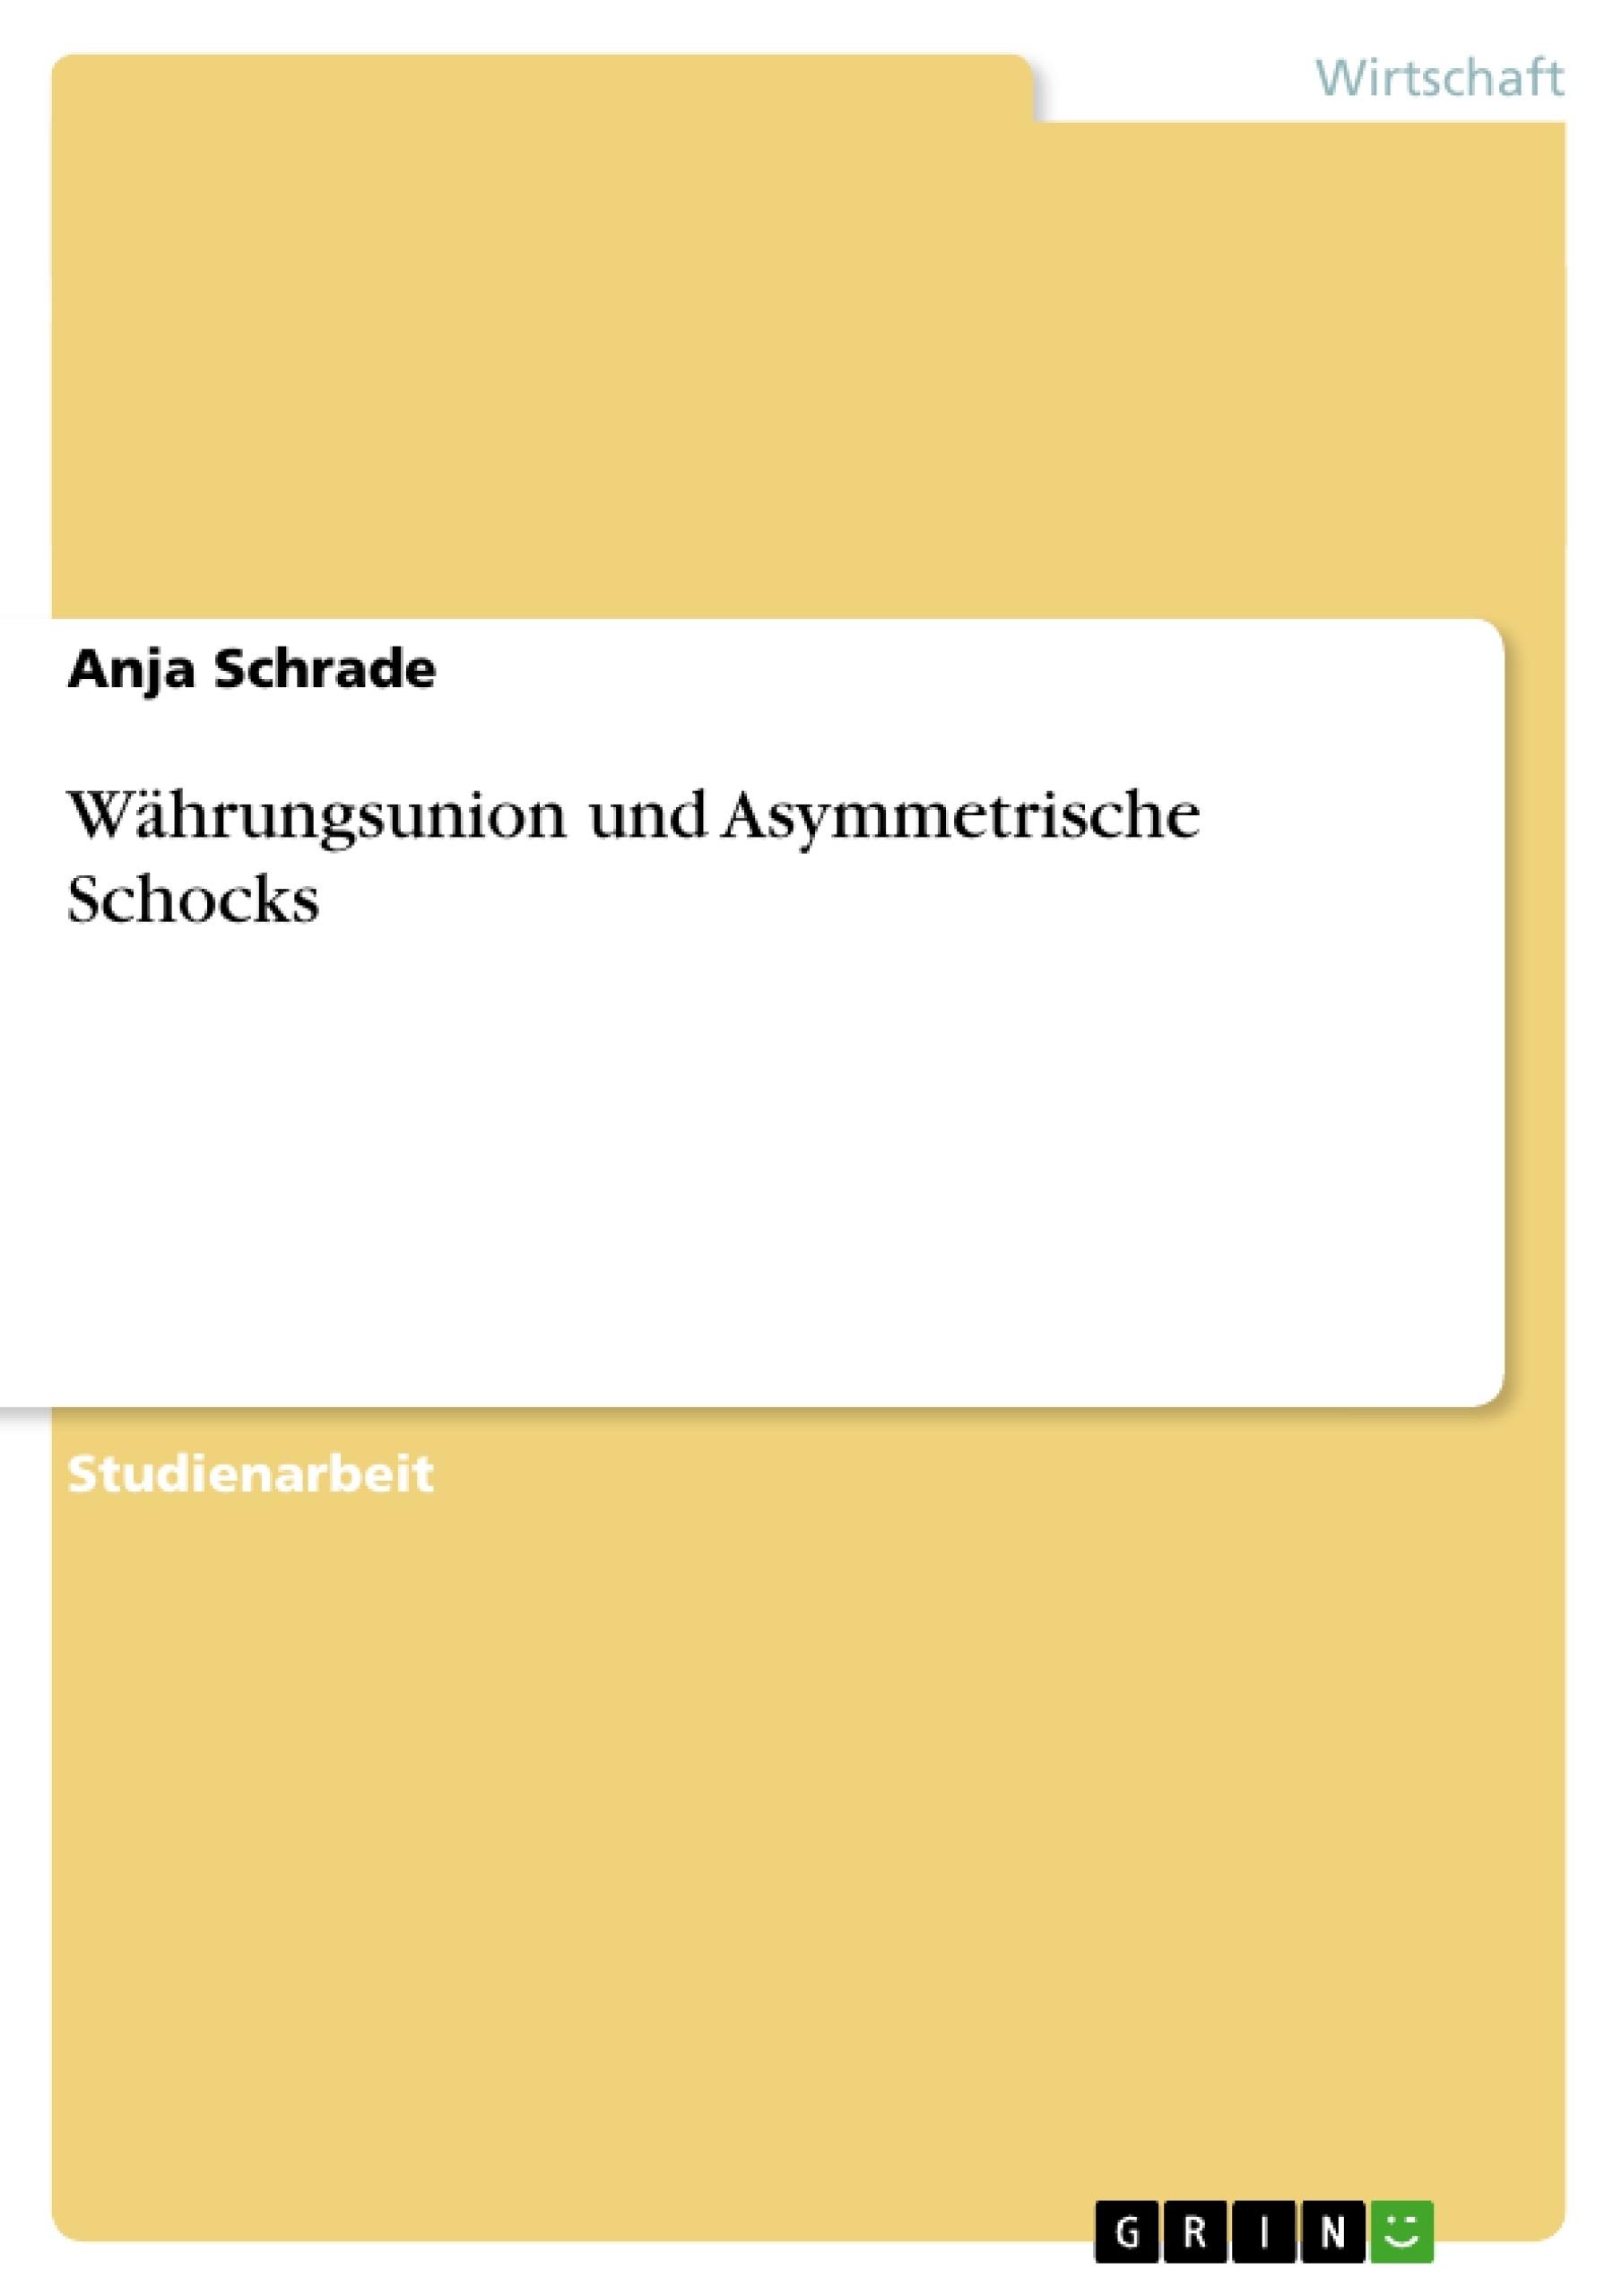 Titel: Währungsunion und Asymmetrische Schocks